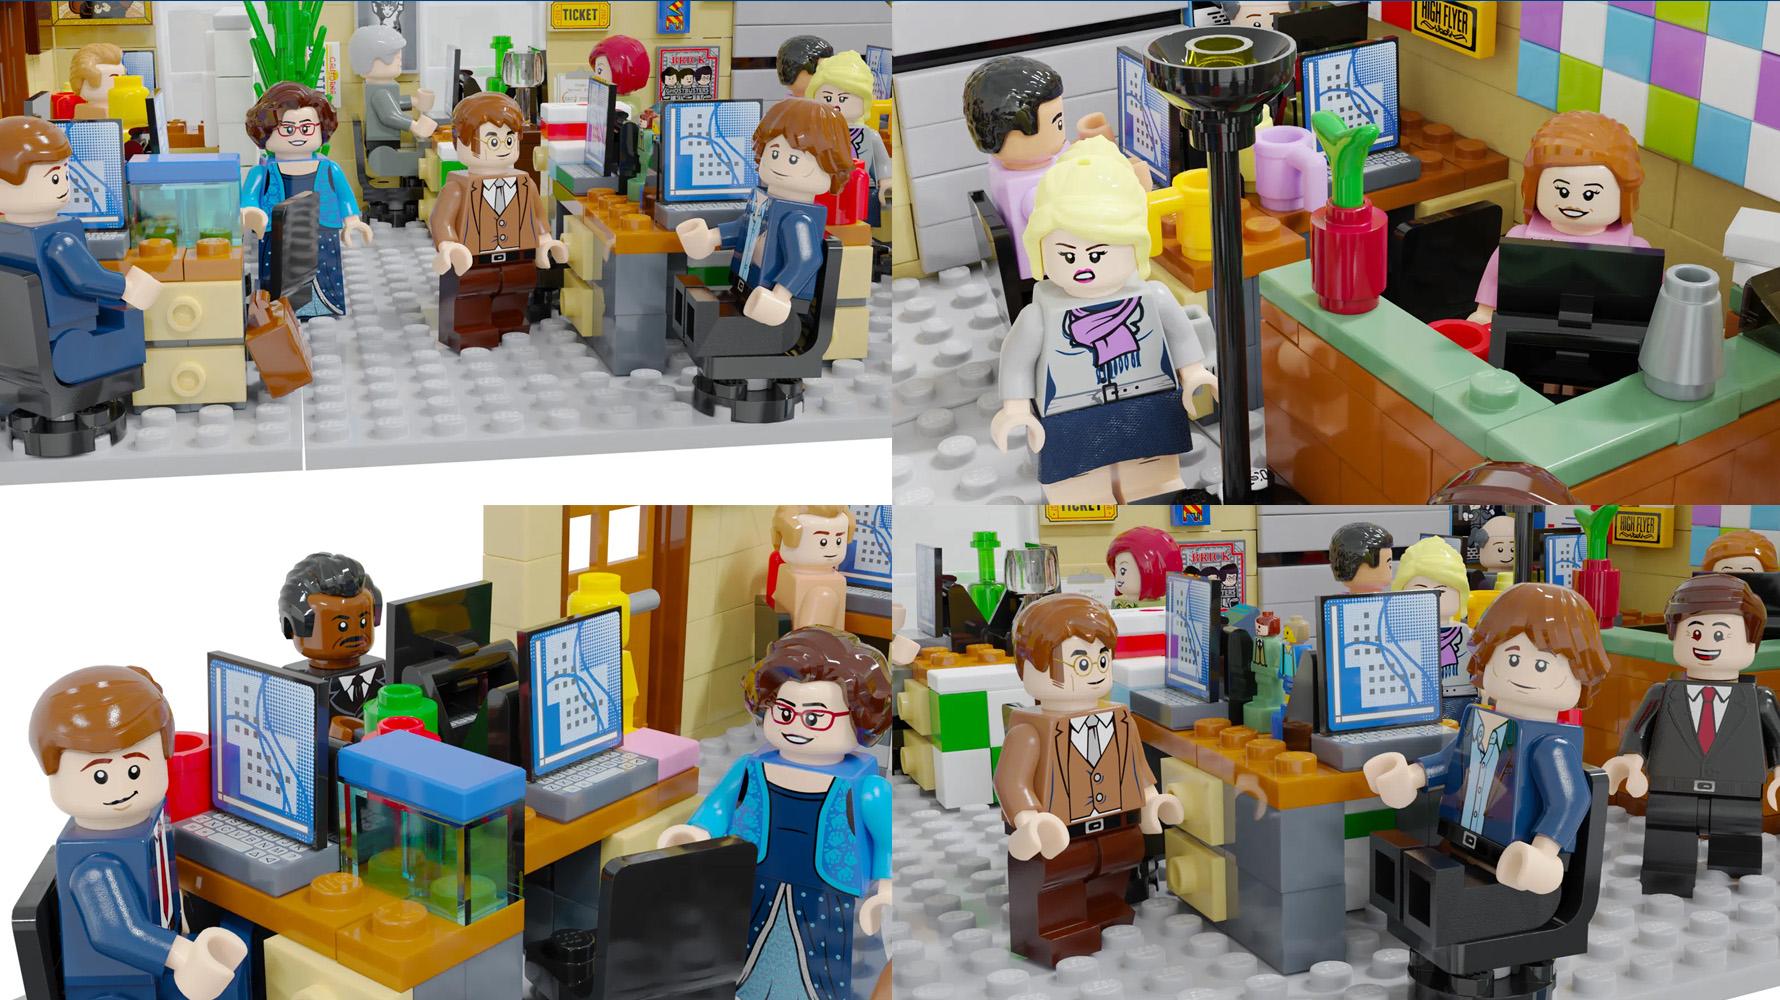 レゴアイデアで『ザ・オフィス』が製品化レビュー進出!2021年第1回1万サポート獲得デザイン紹介